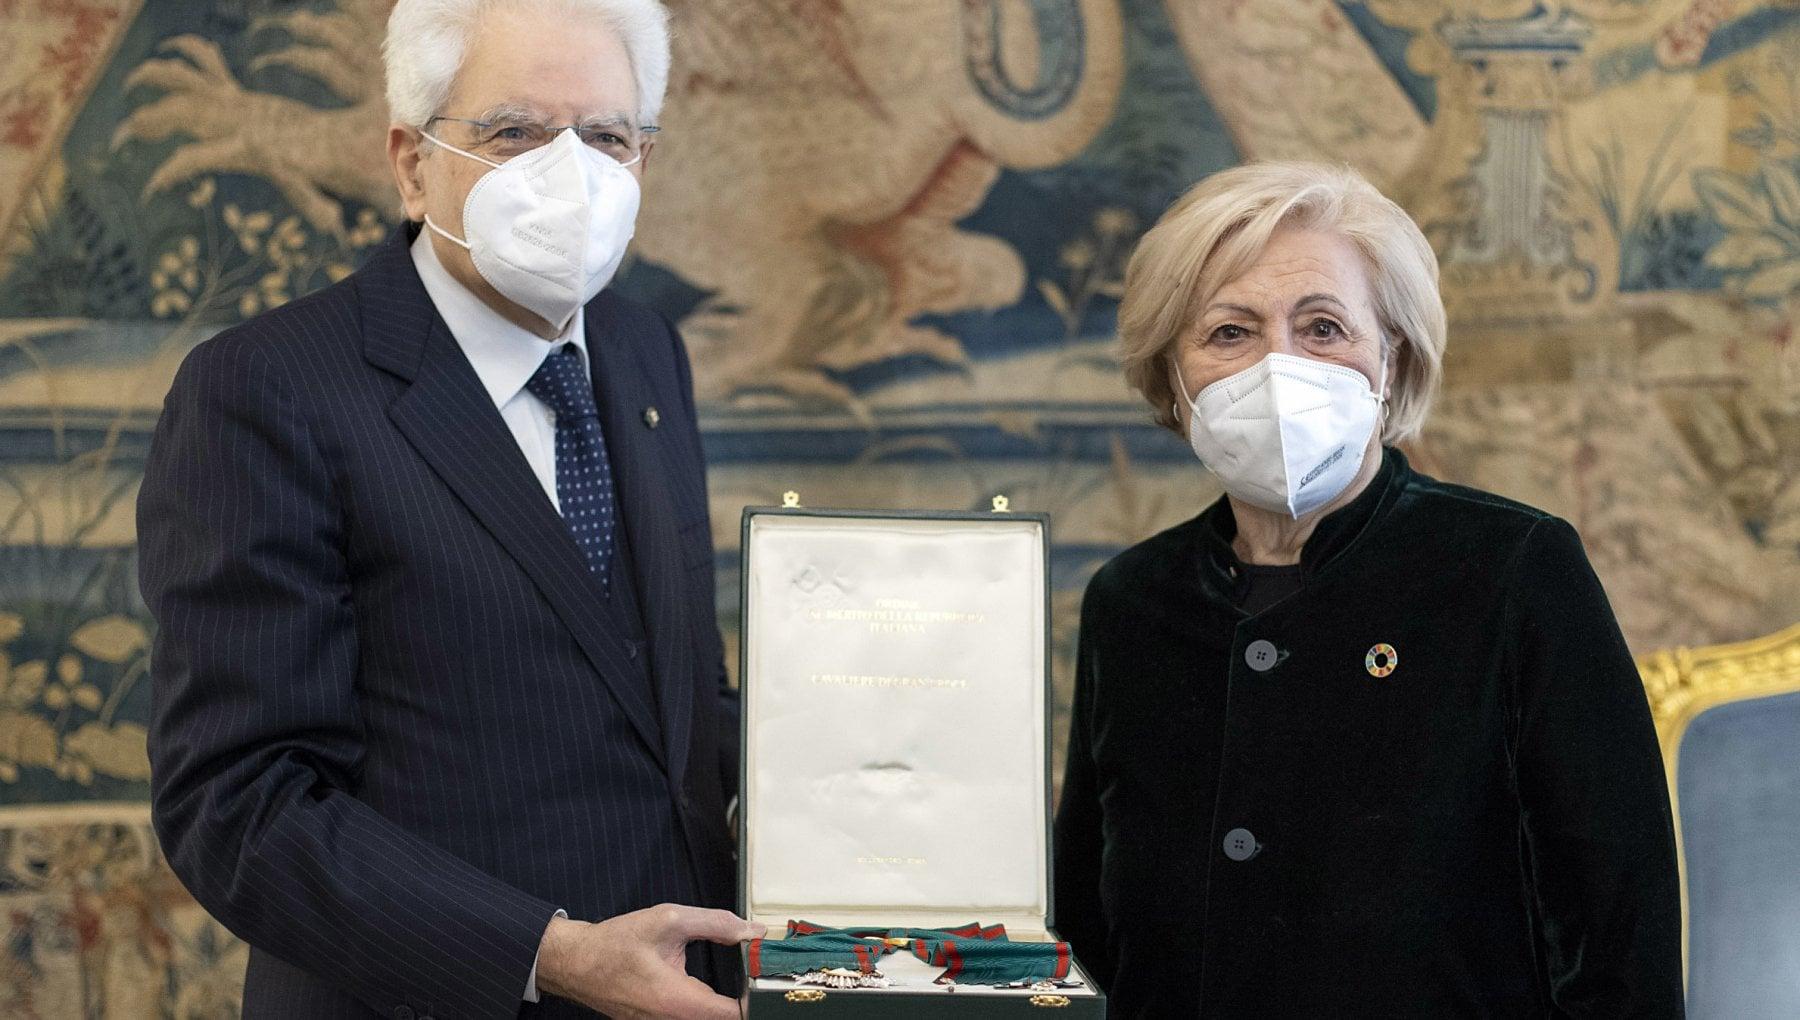 133258494 e7d2a2b0 ecd1 4b5f abb3 f01b1ecf1530 - Mattarella consegna a Rosa Oliva l'onorificenza di Cavaliere di Gran Croce